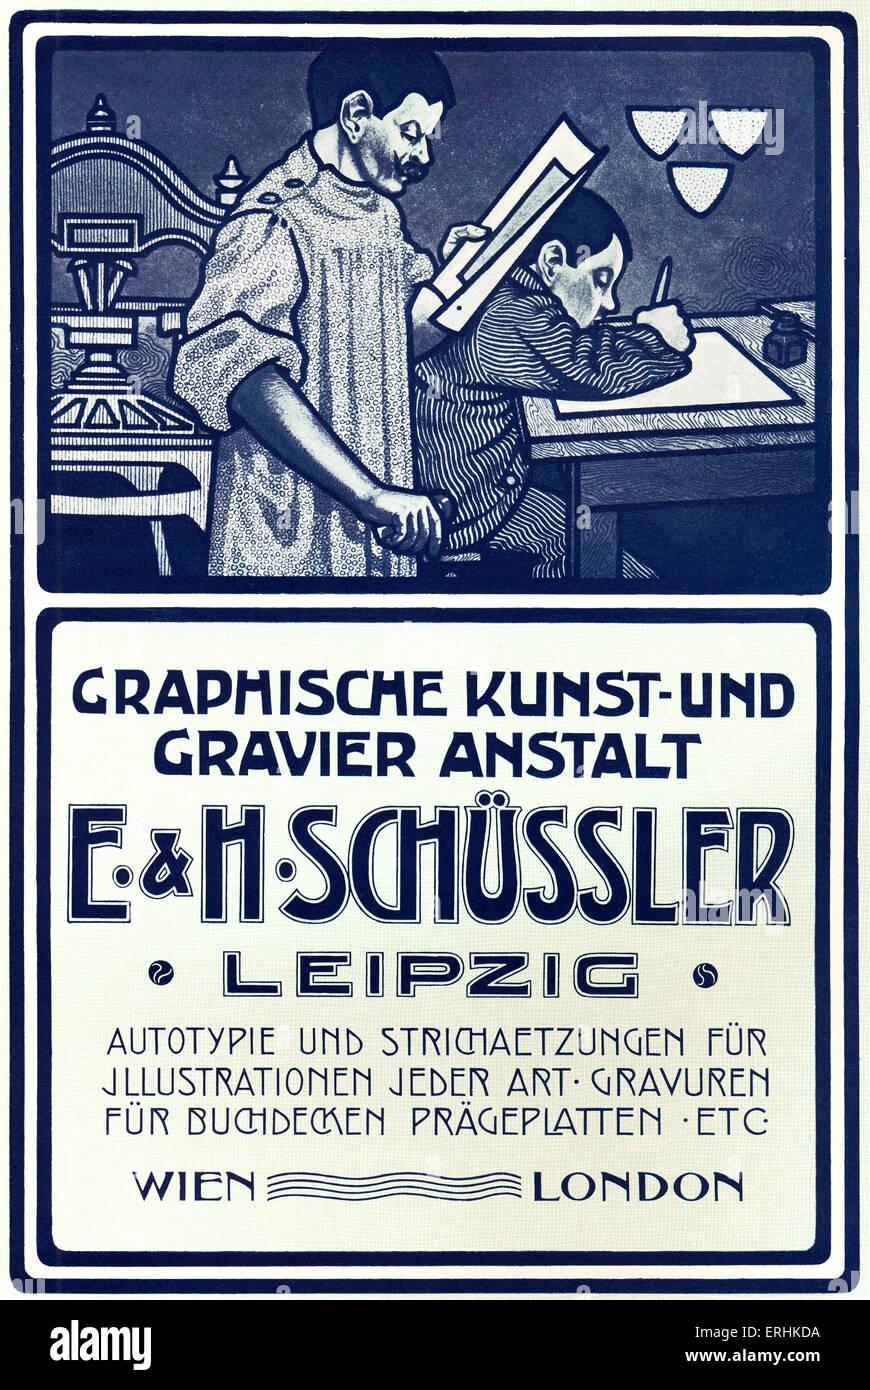 Graphische Kunst und Schriftsatz feste Werbung von 1902 Drucker Katalog. Graphischen Kunst Und gravier Anstalit Stockbild